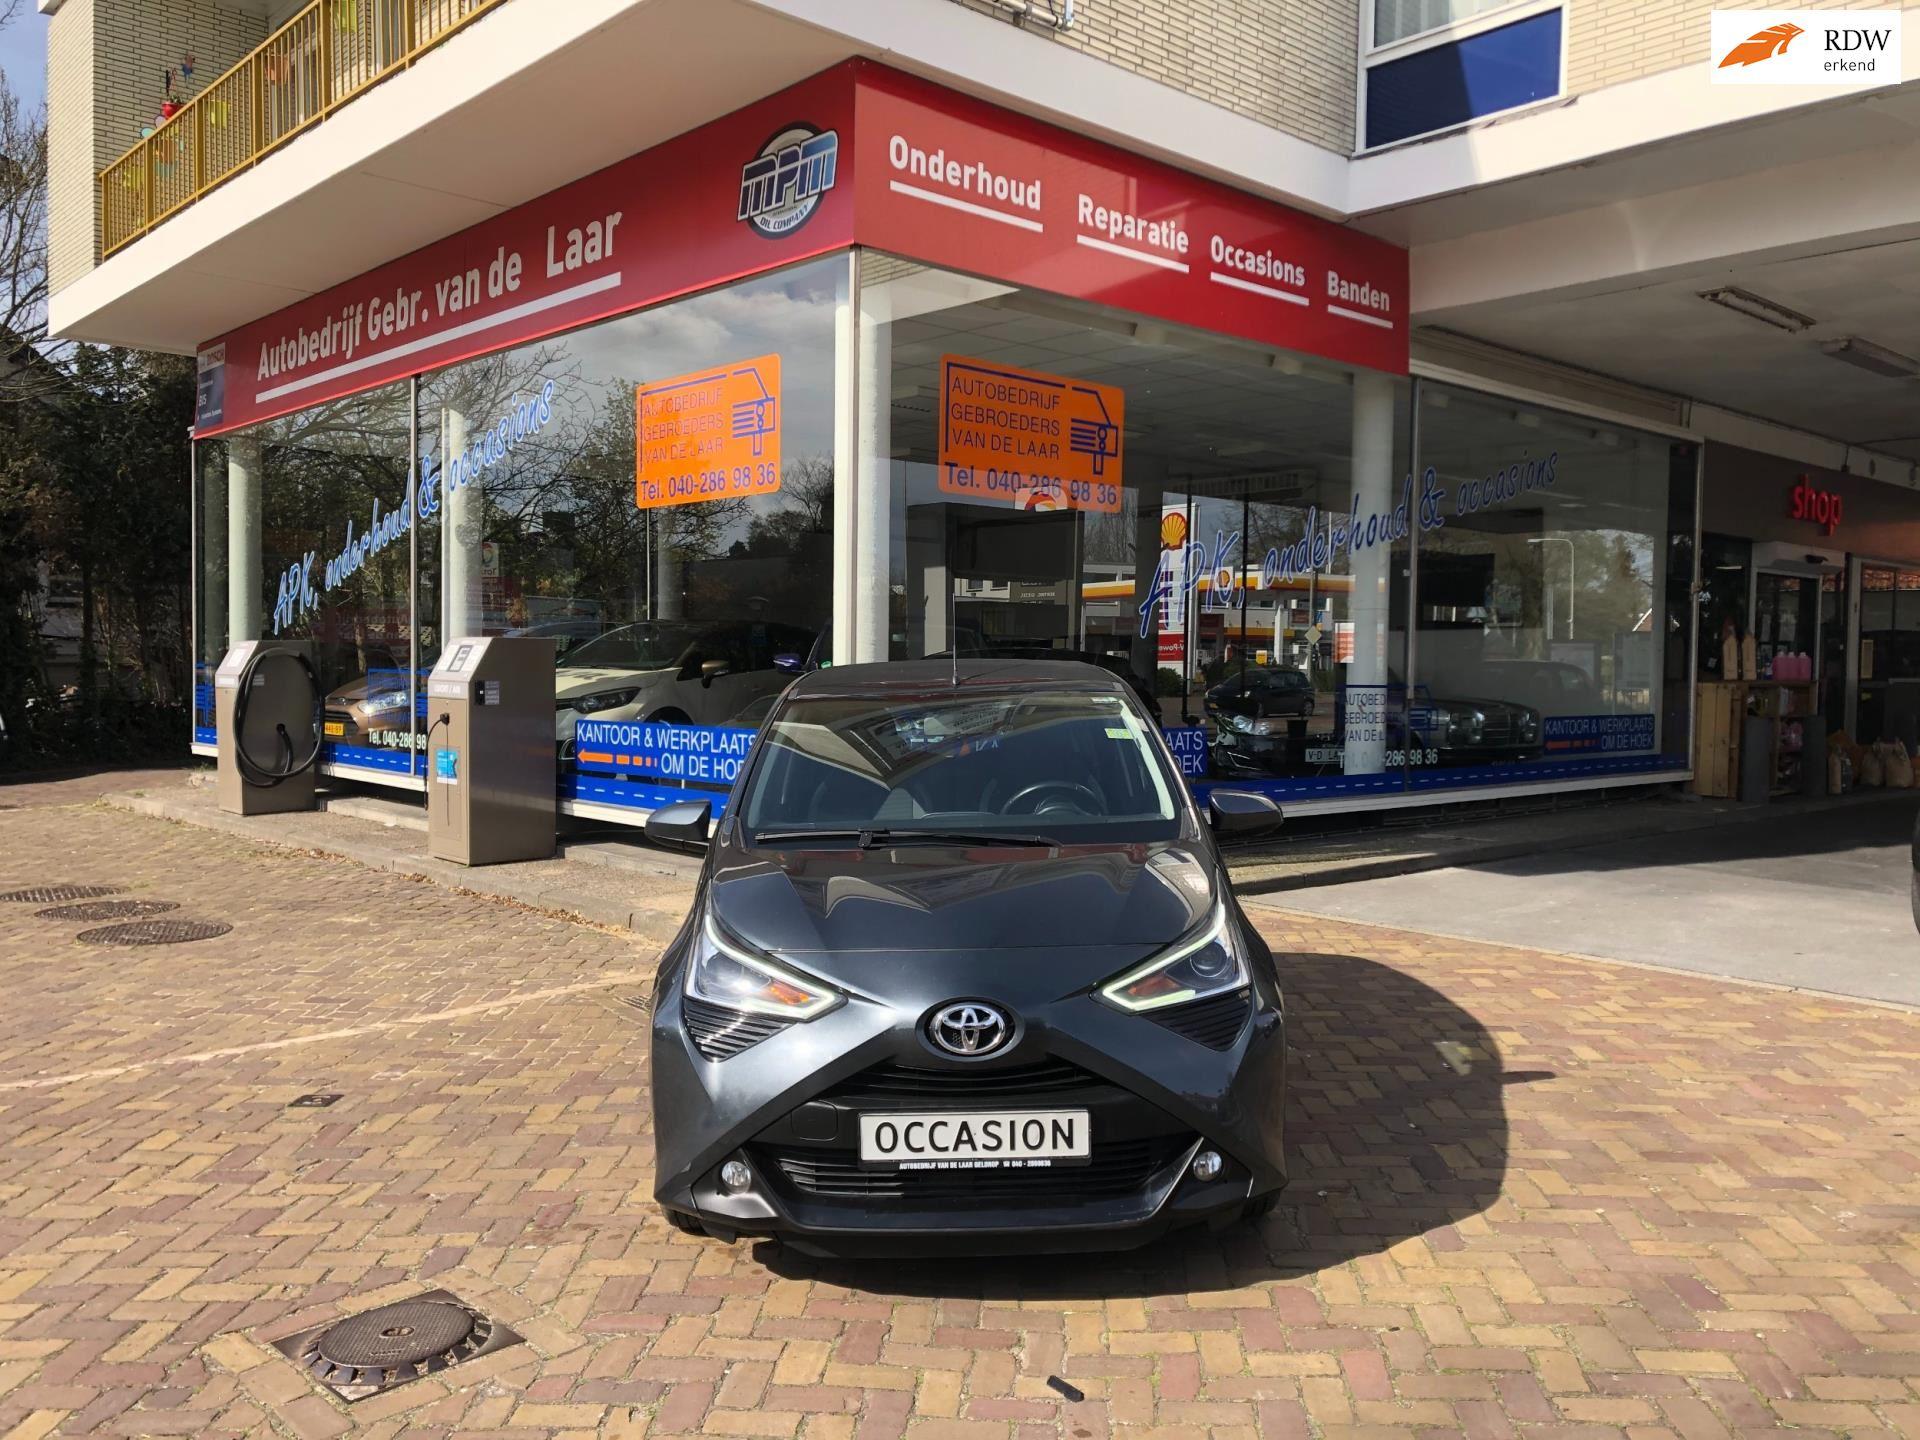 Toyota Aygo occasion - Autobedrijf van de Laar